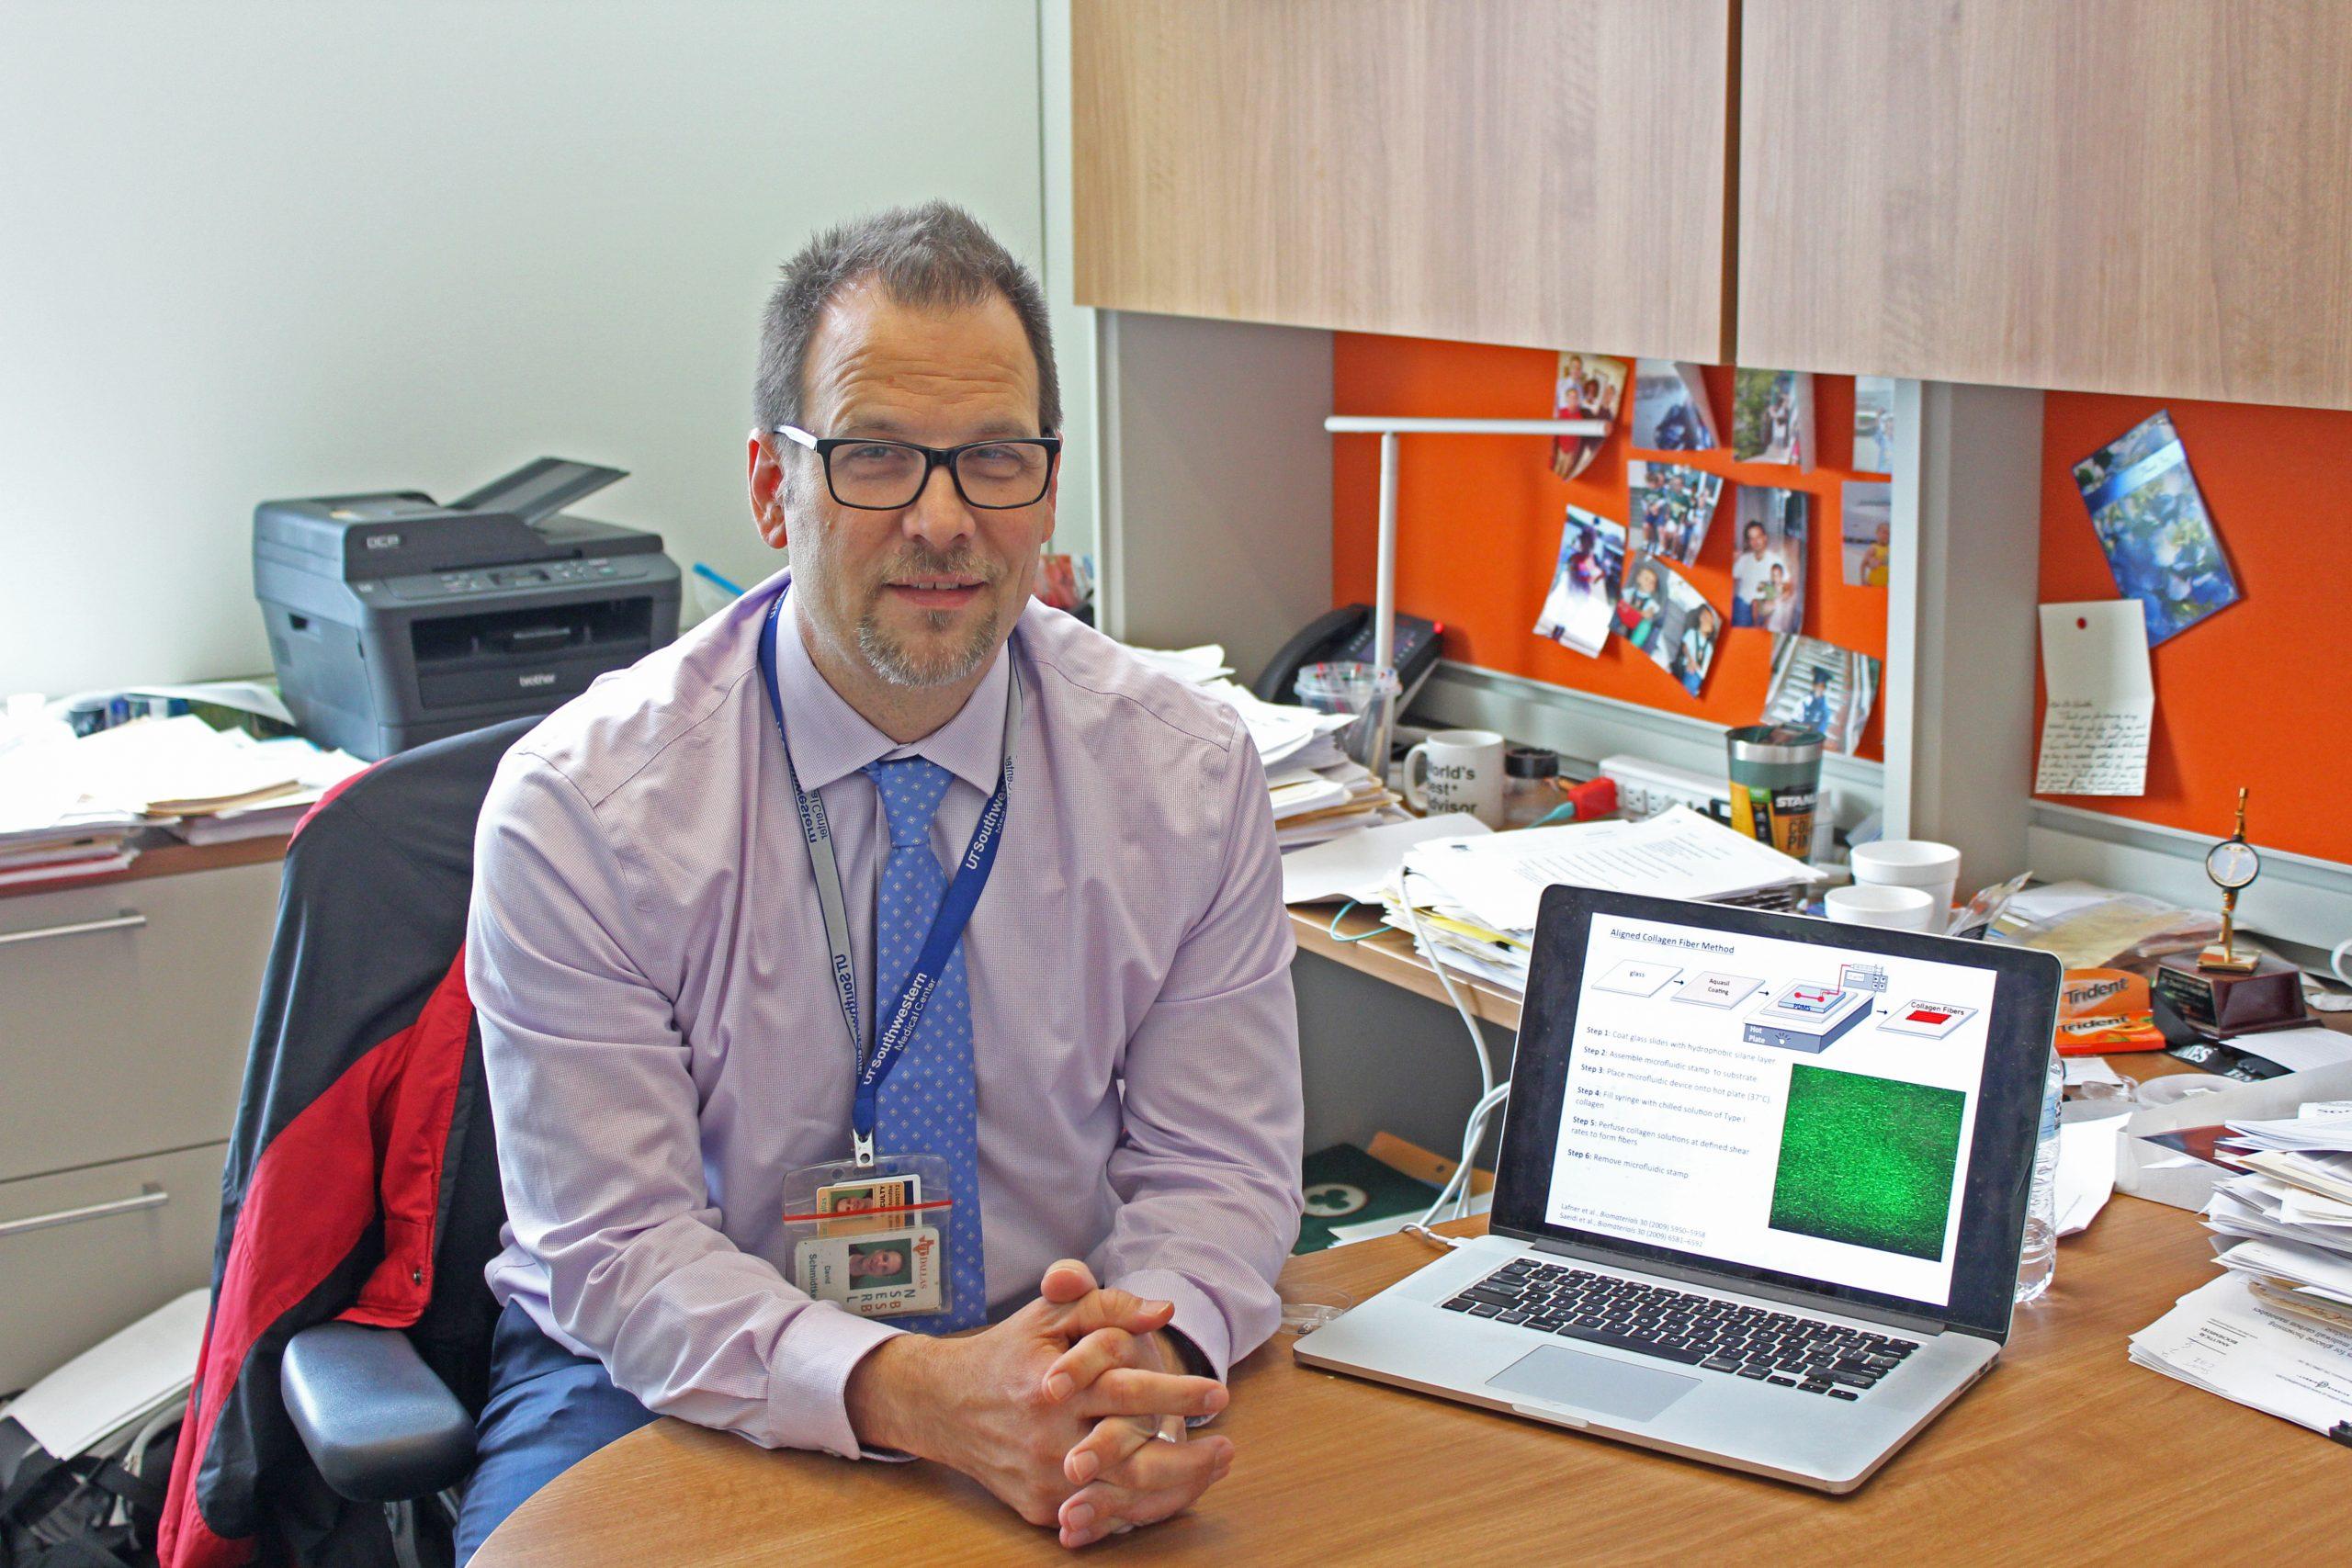 Researchers Develop Eye Healing Model